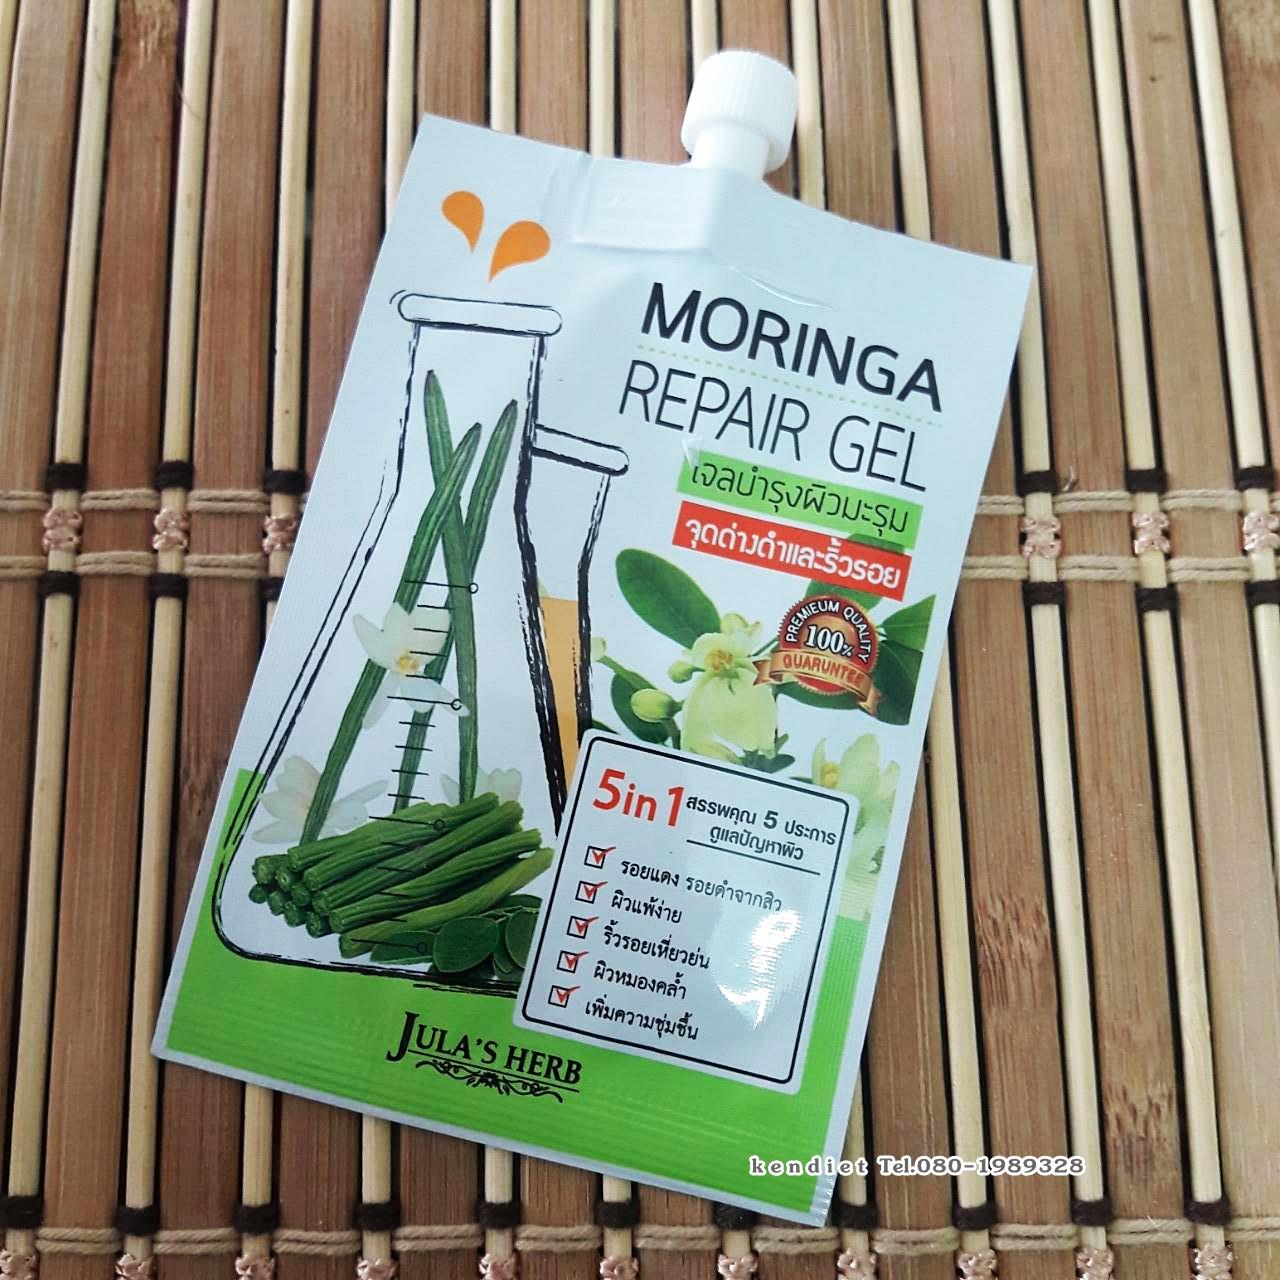 jula's herb moringa repair gel จุฬาเฮิร์บ มอรินก้า รีแพร์ เจล เจลแต้มสิวมะรุม เจลลดรอยดำ 190 บาท